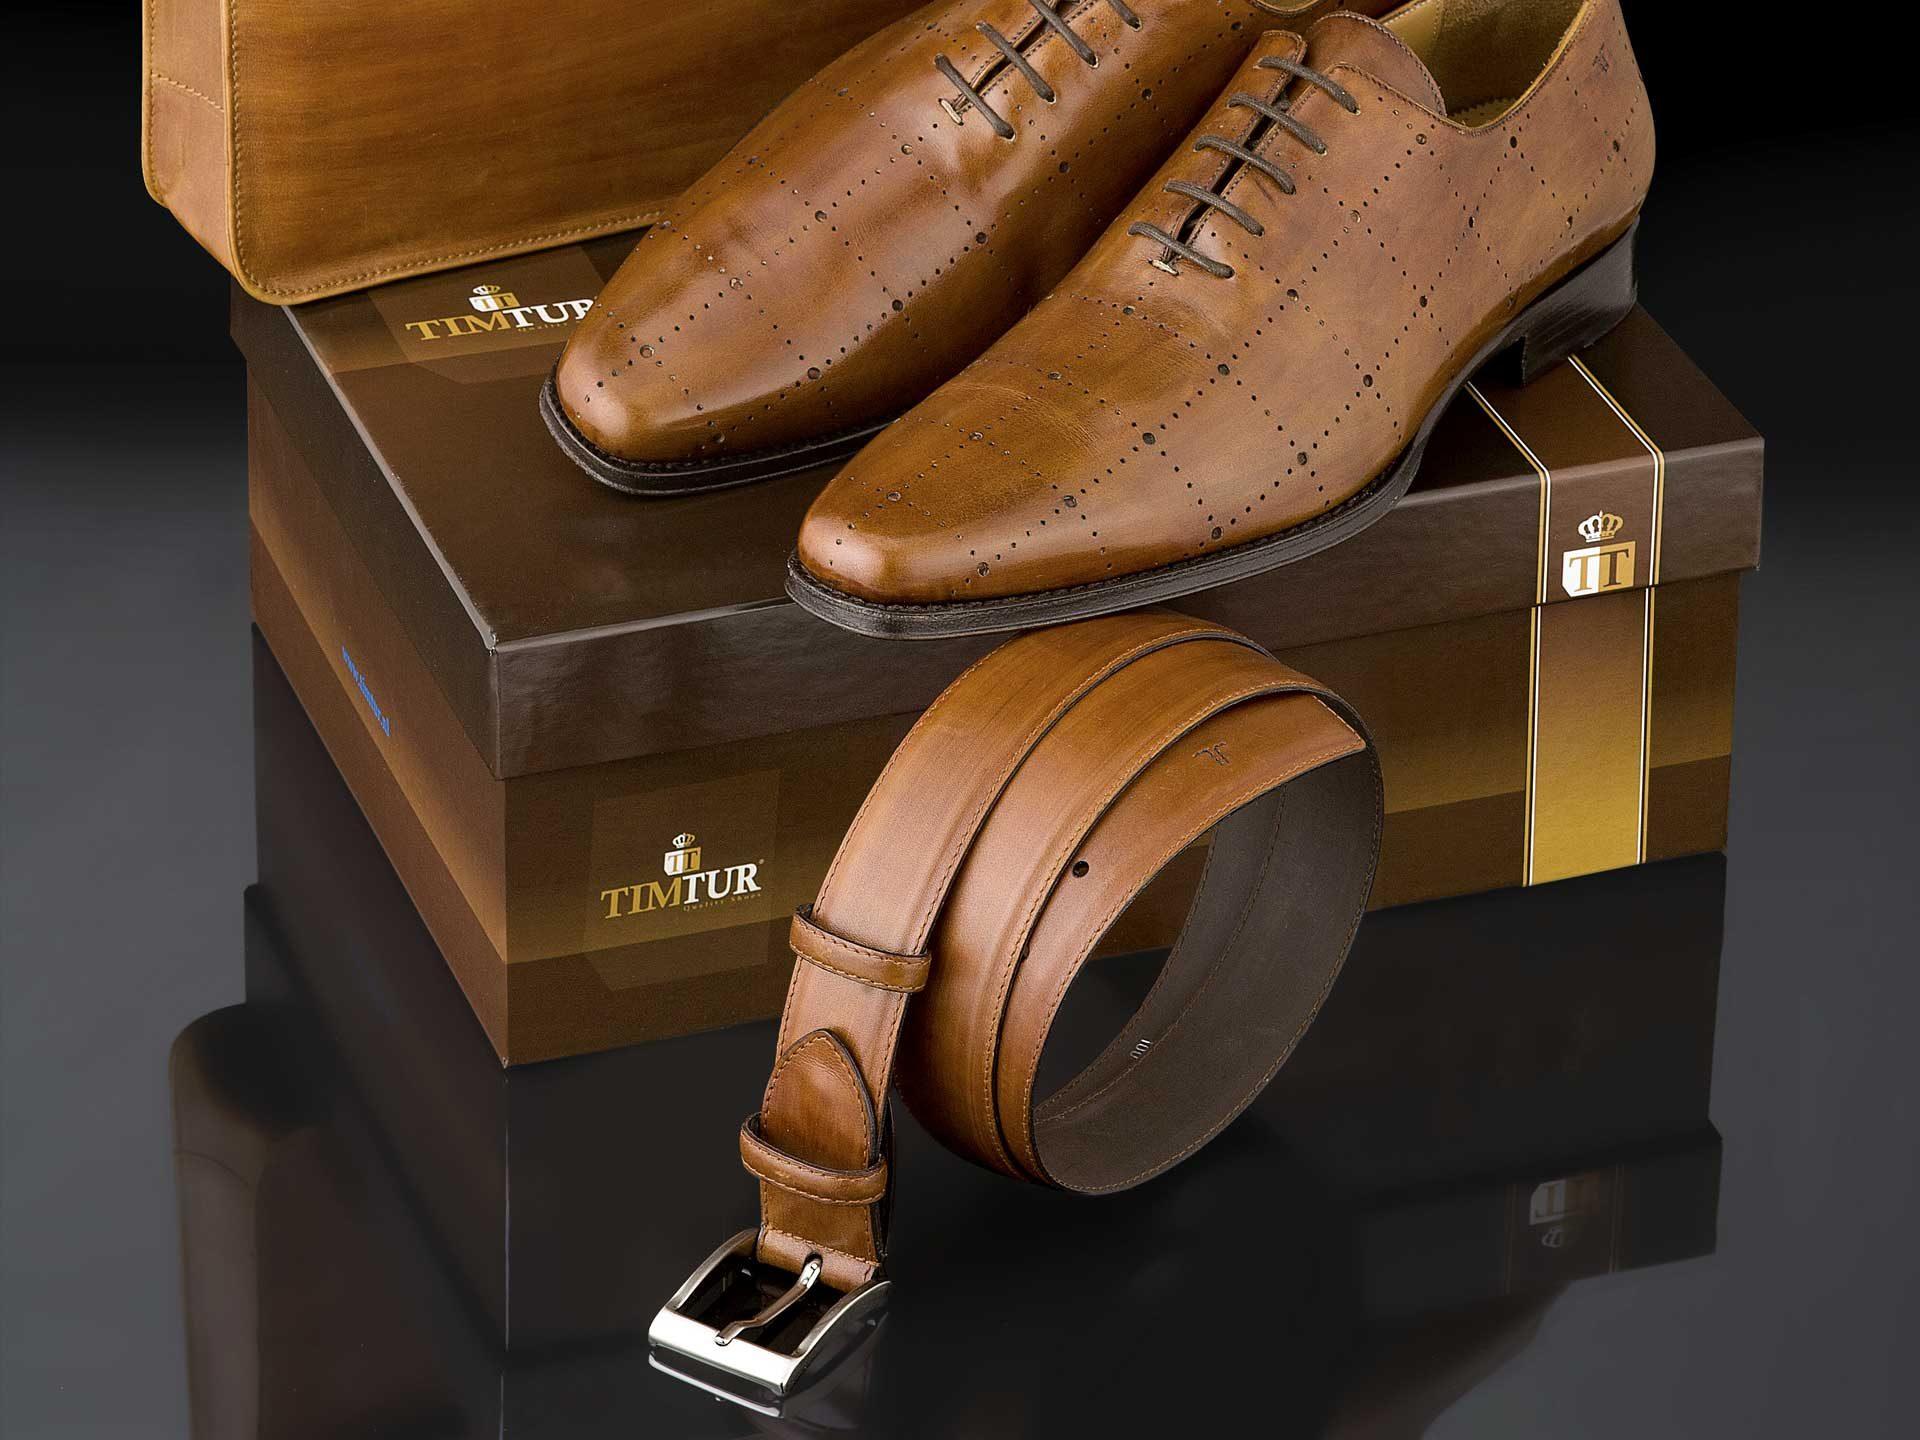 Timtur schoenen - Rene Verkaart)